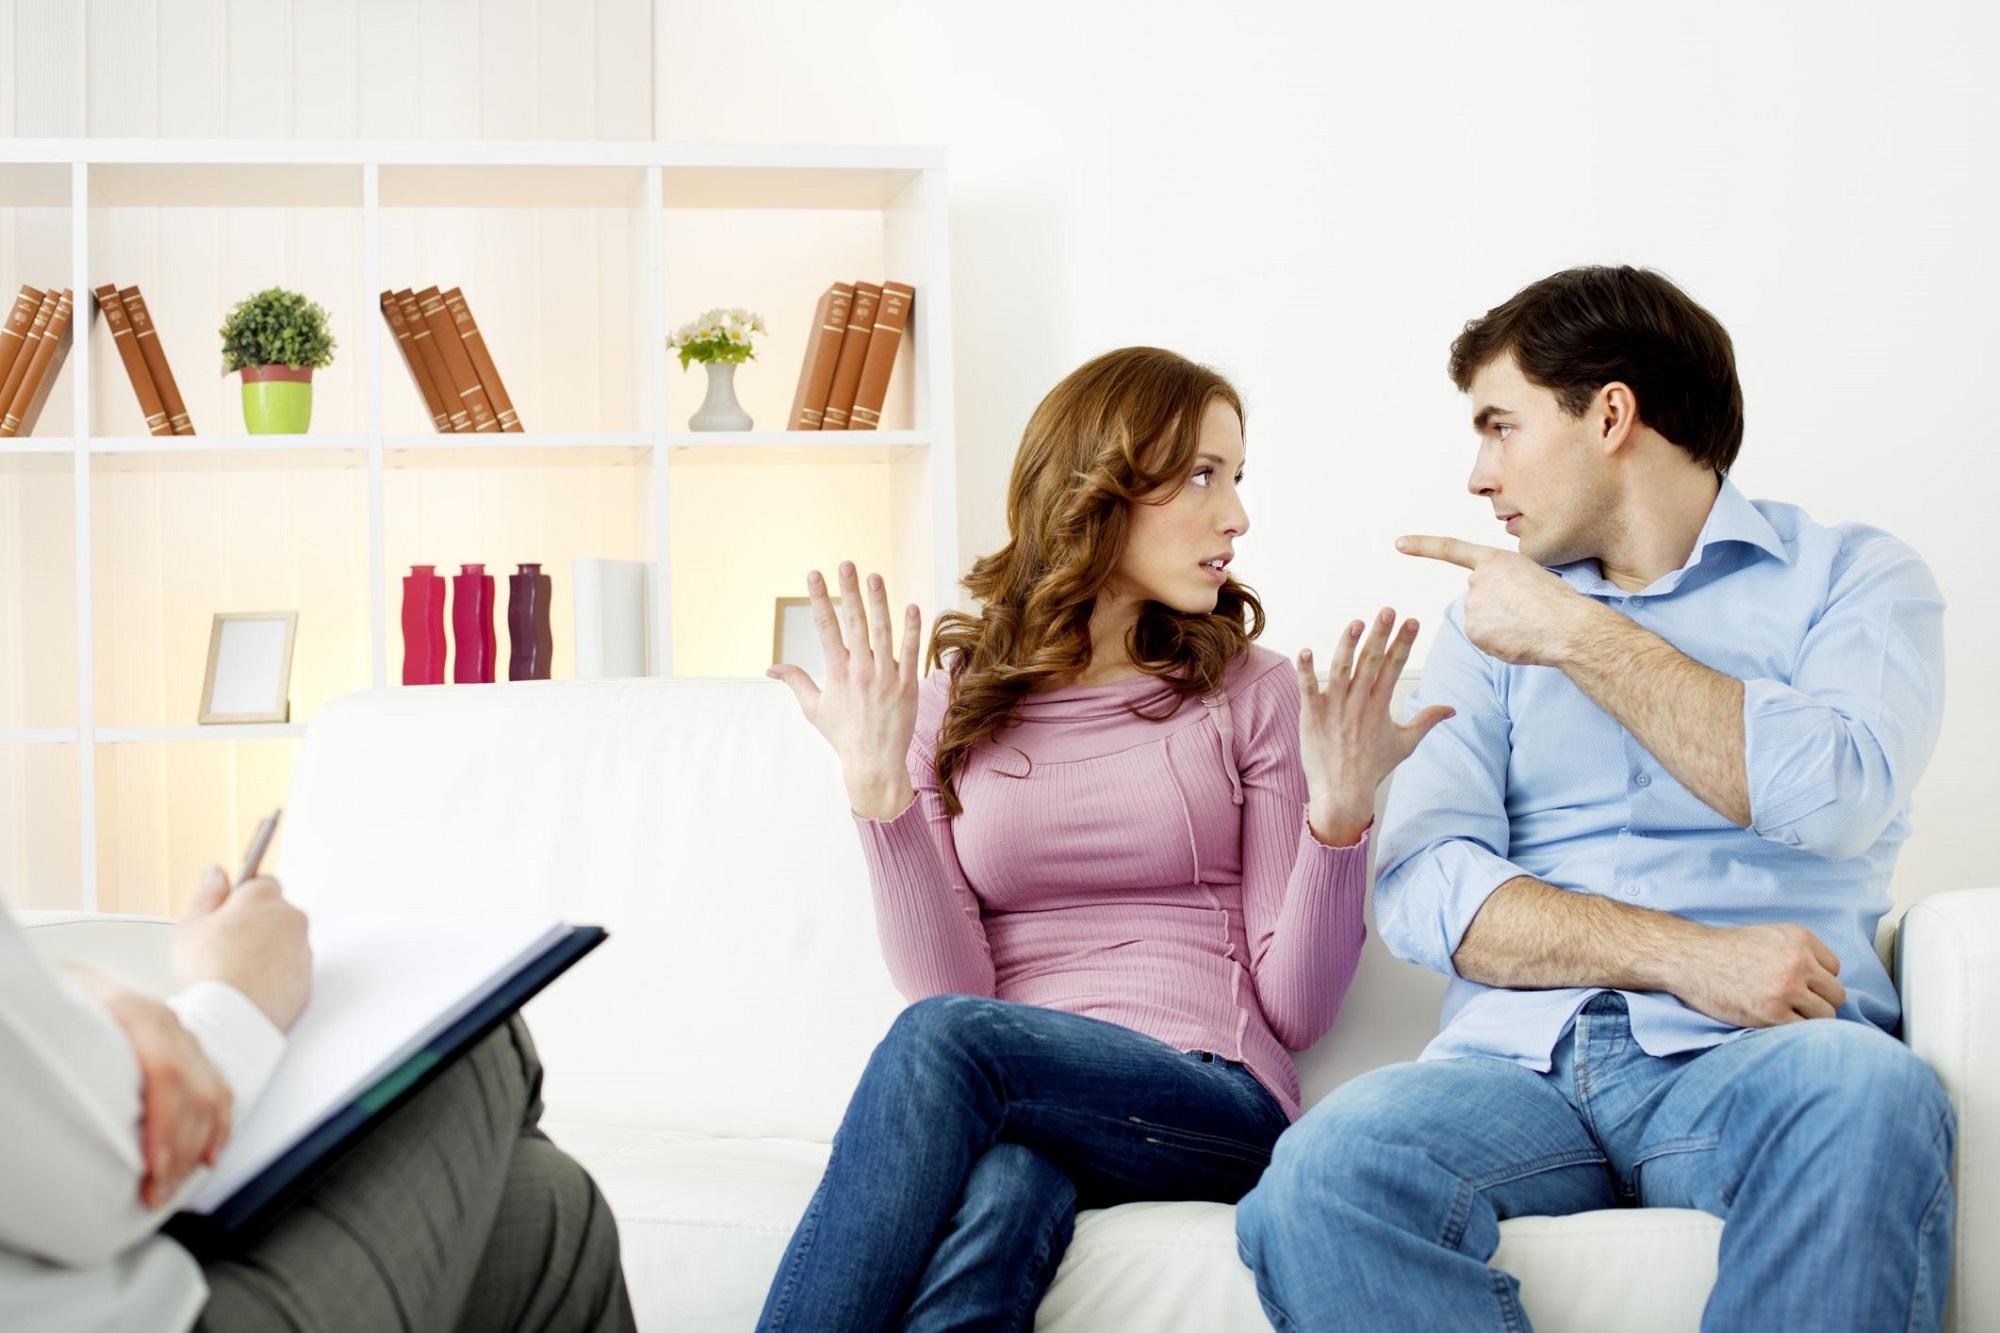 برانگیختن خشم و ناراحتی همسر: چه کسی، چه کسی را اذیت میکند؟